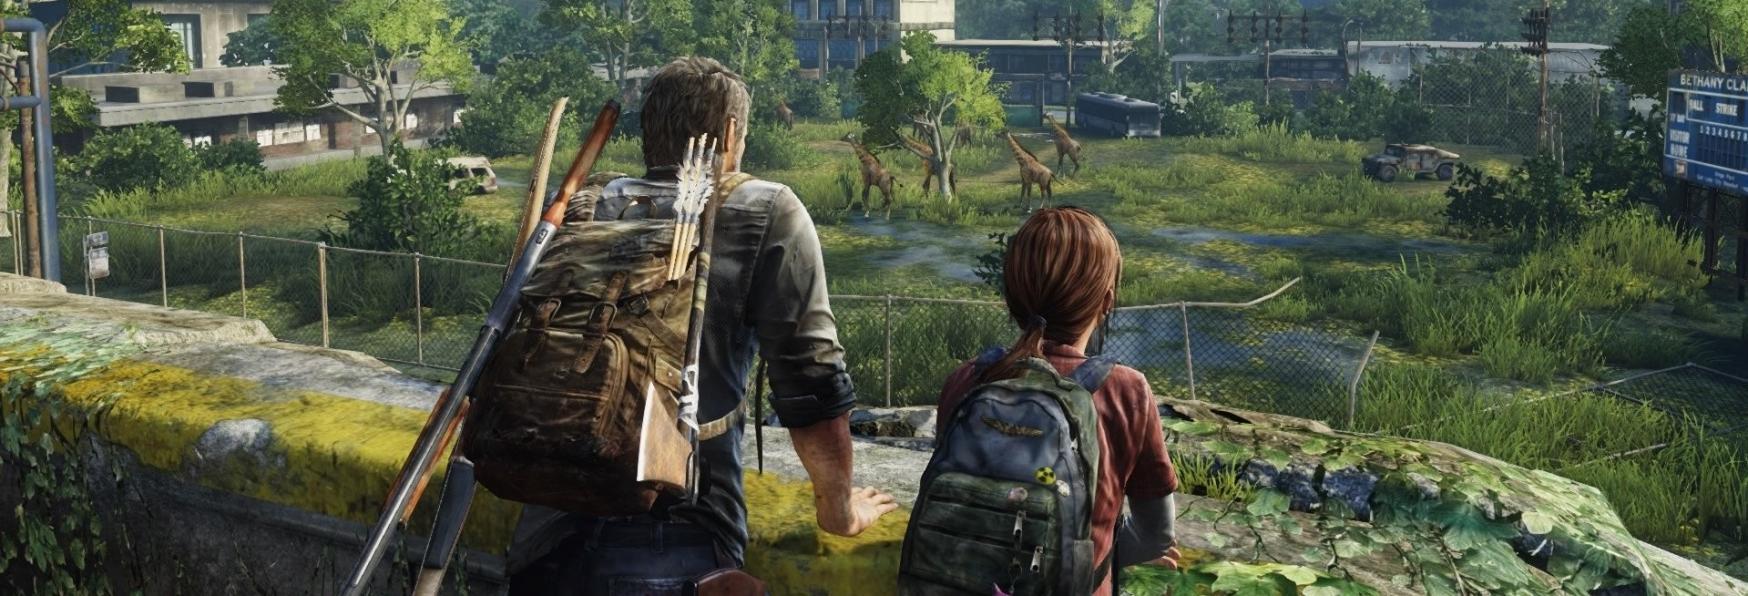 The Last of Us Set: alcune Foto dal Set mostrano una Ambientazione della Serie TV